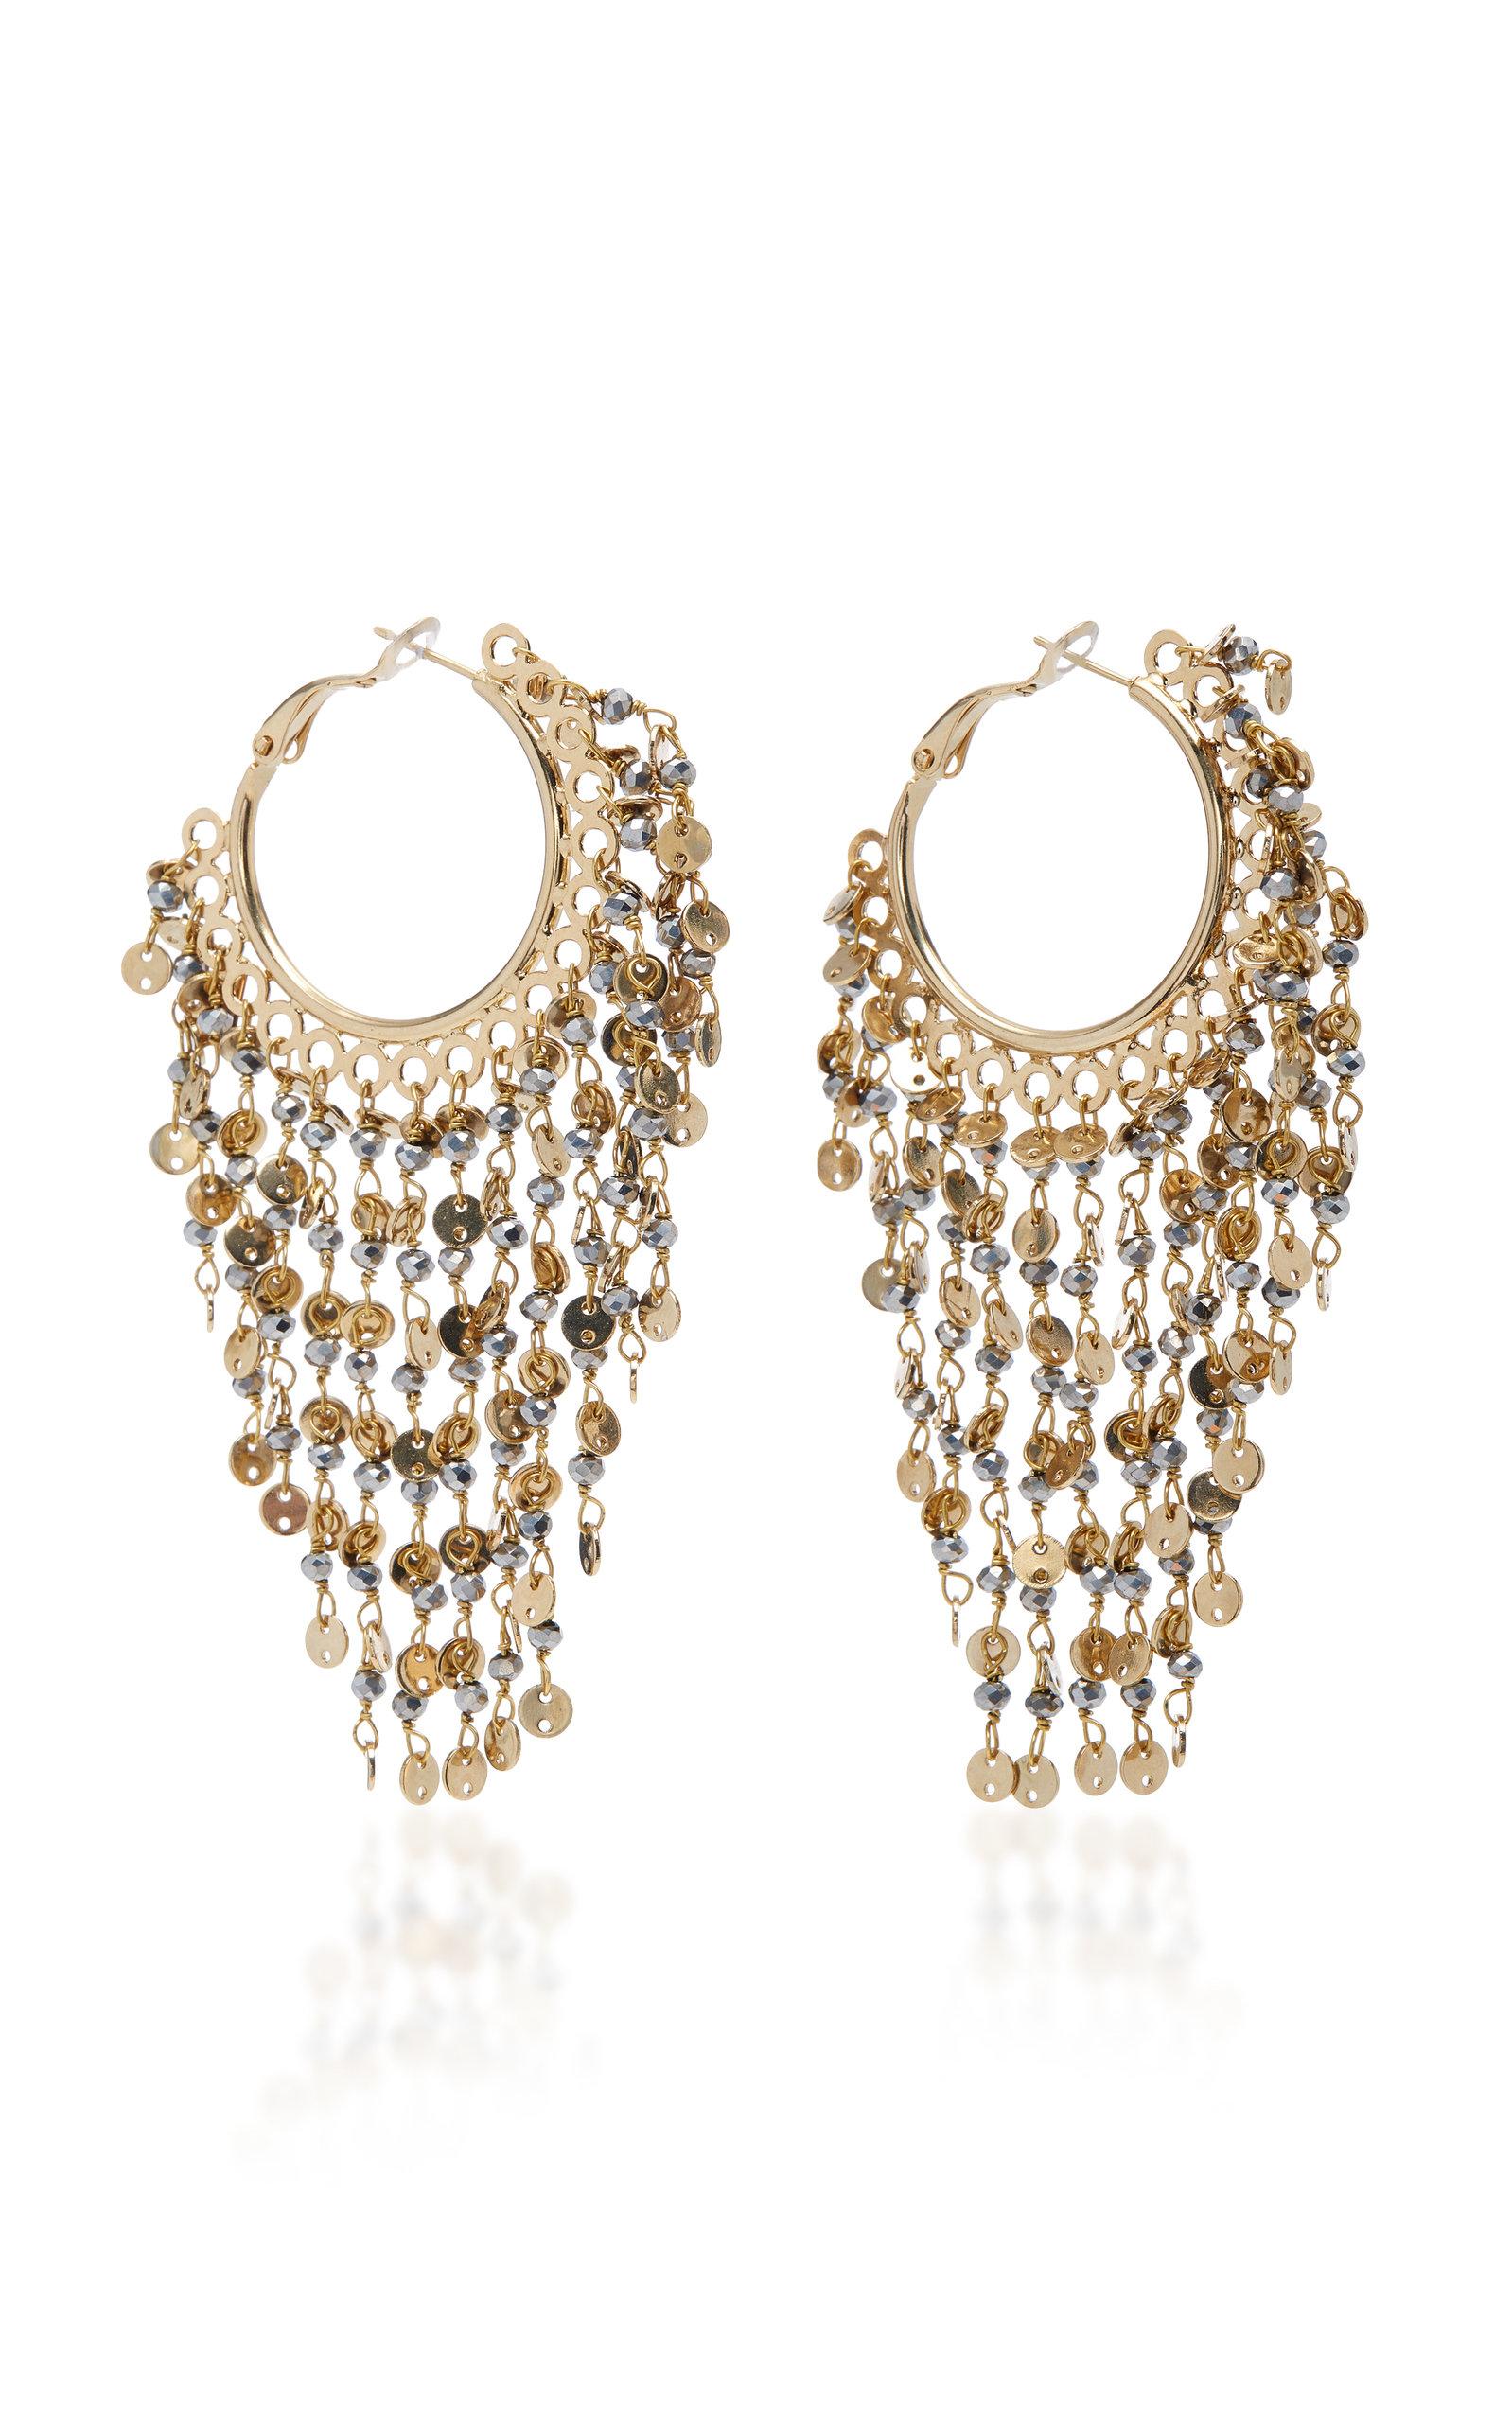 8a3b3f308769f Fred Gold-Tone Fringe Earrings